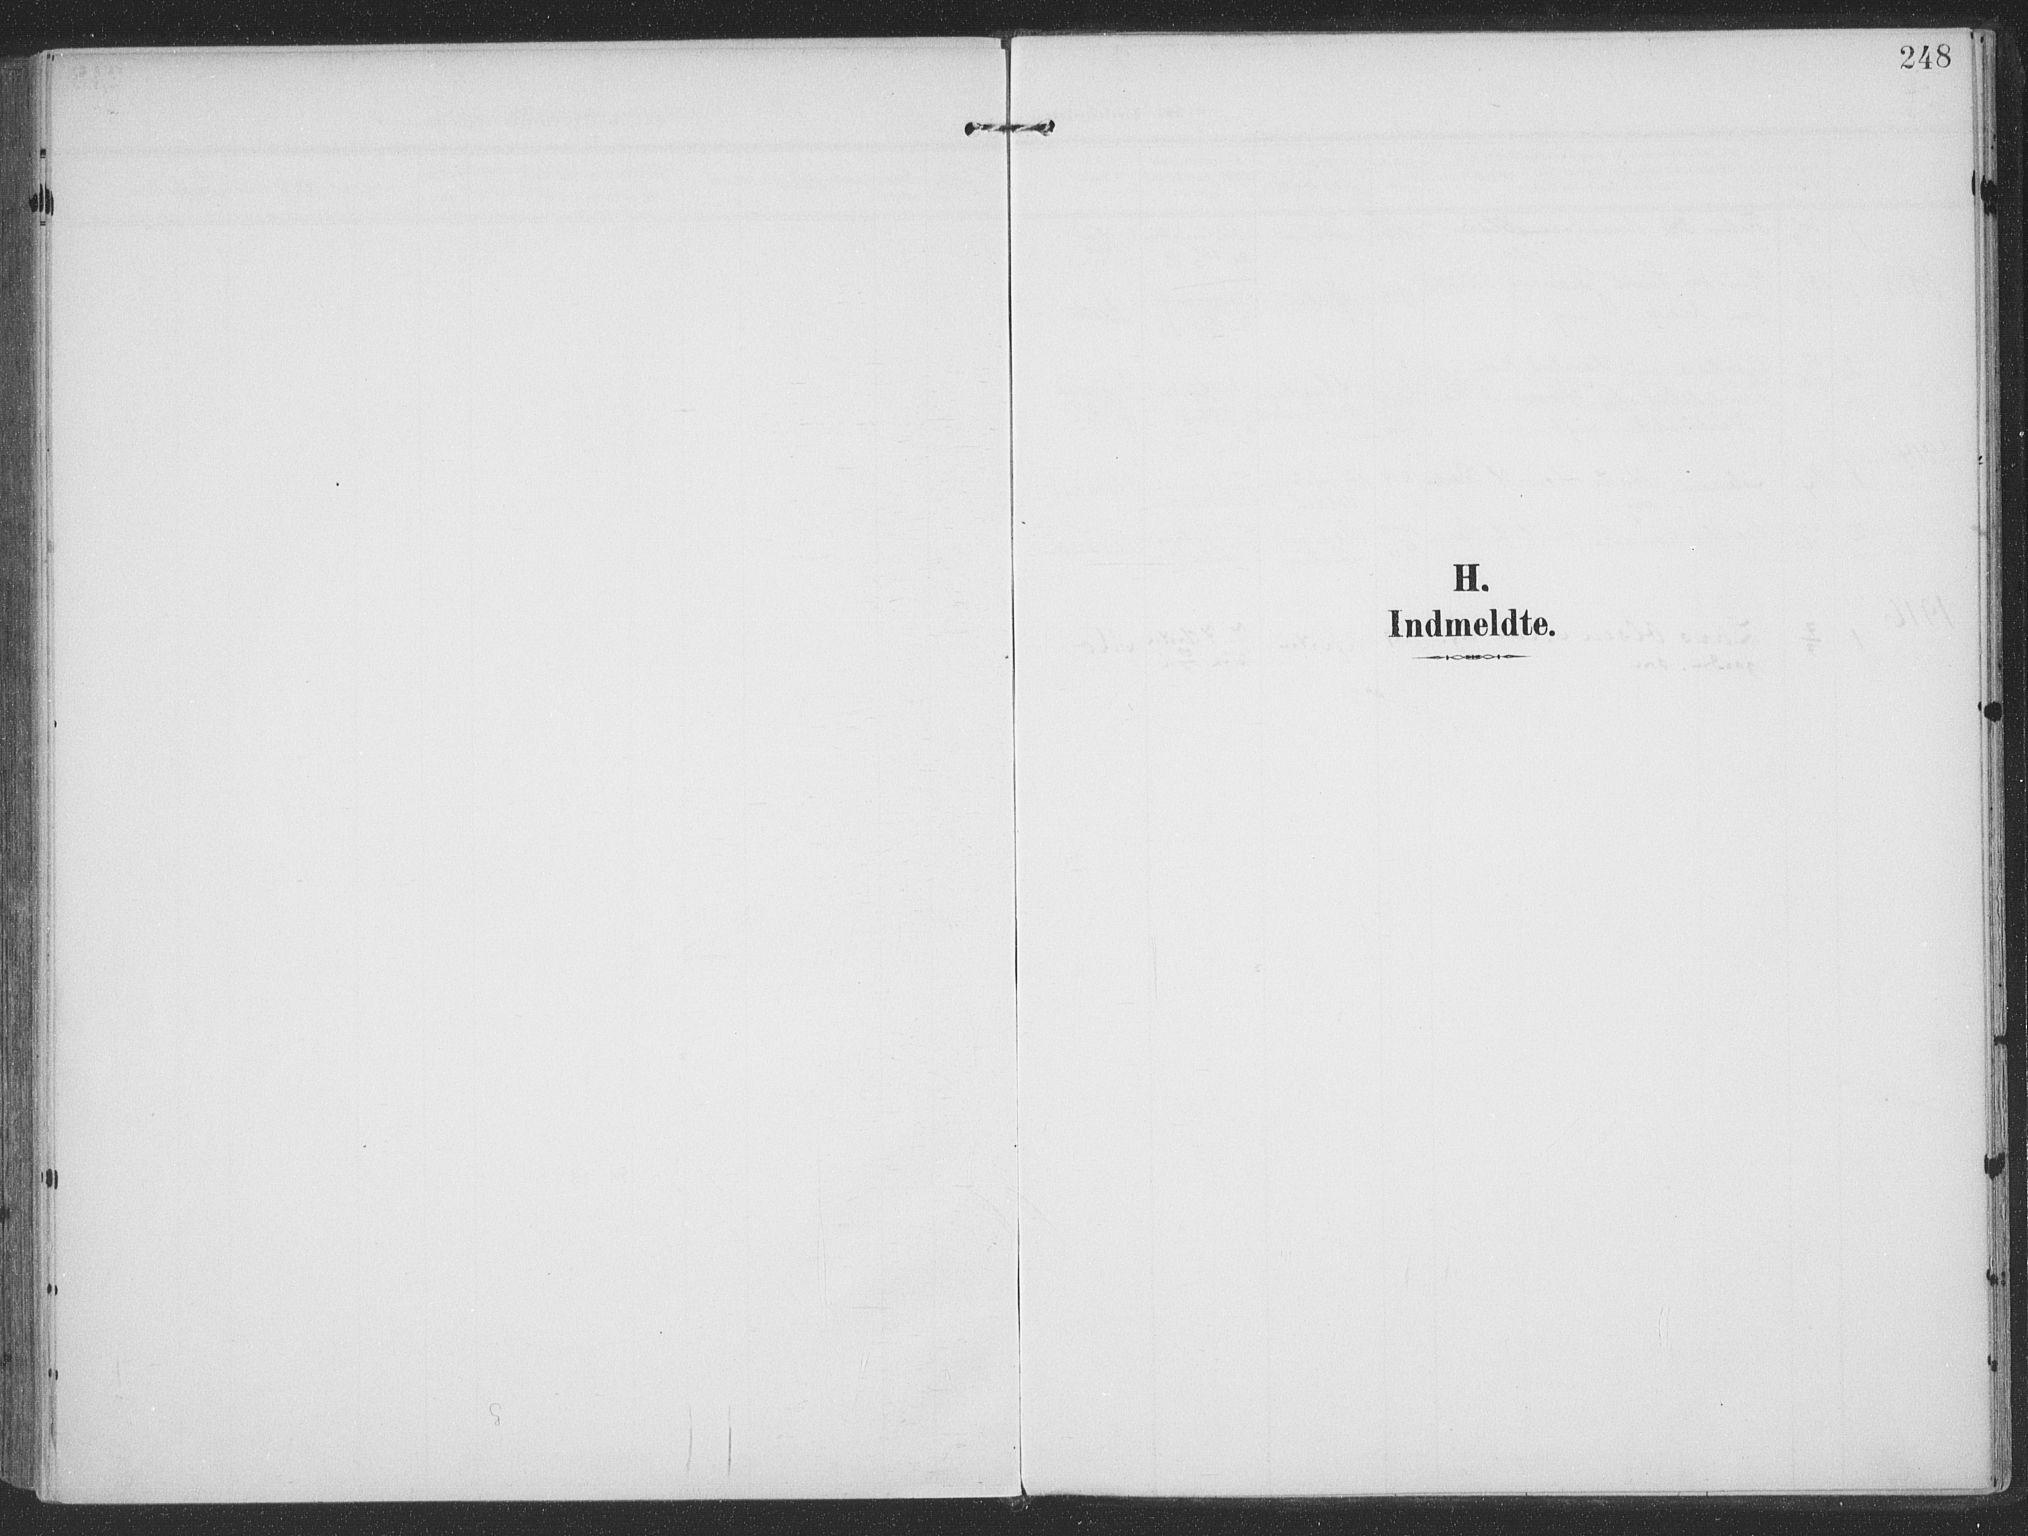 SAT, Ministerialprotokoller, klokkerbøker og fødselsregistre - Møre og Romsdal, 513/L0178: Ministerialbok nr. 513A05, 1906-1919, s. 248